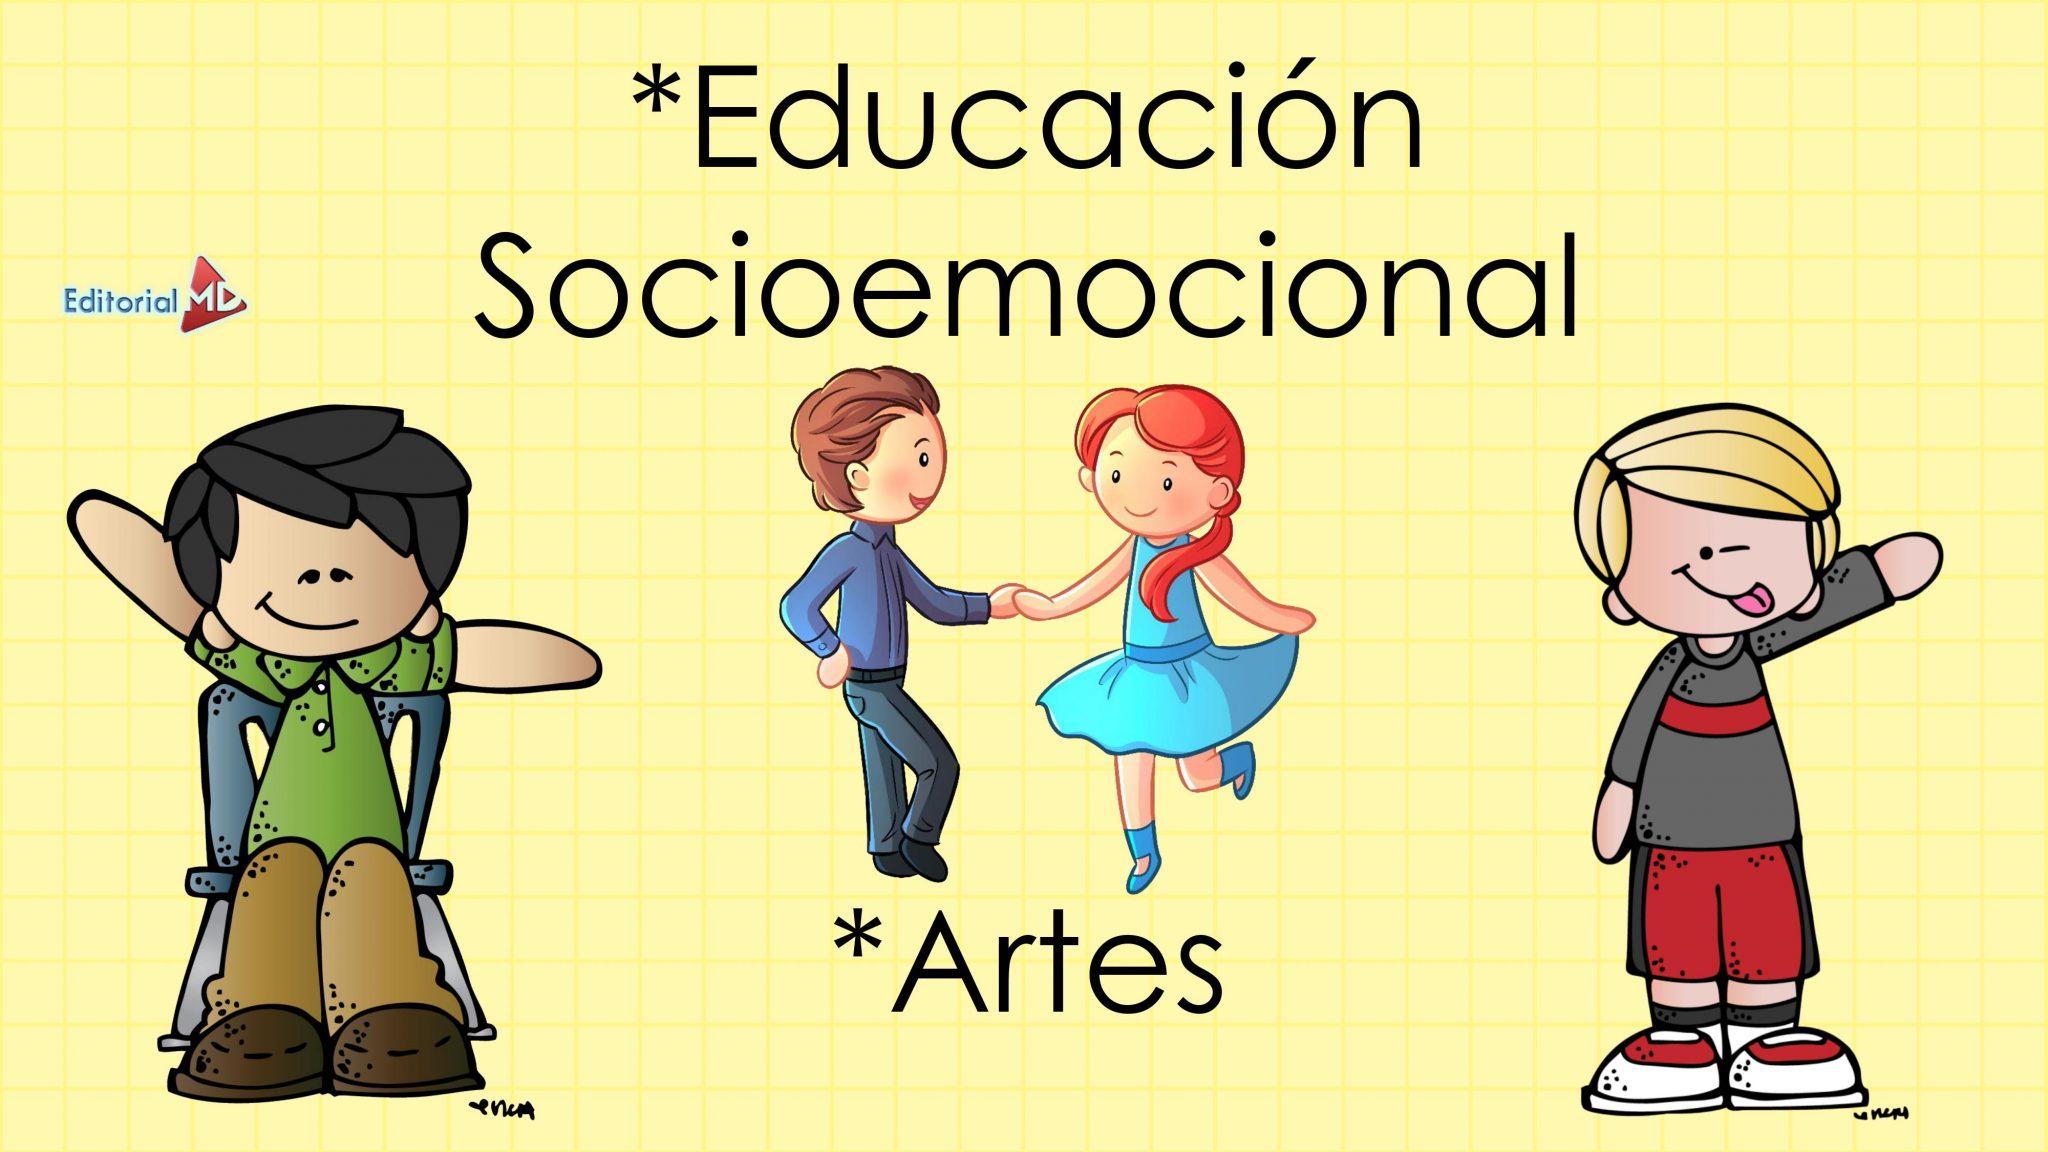 educacion socioemocional semana 26